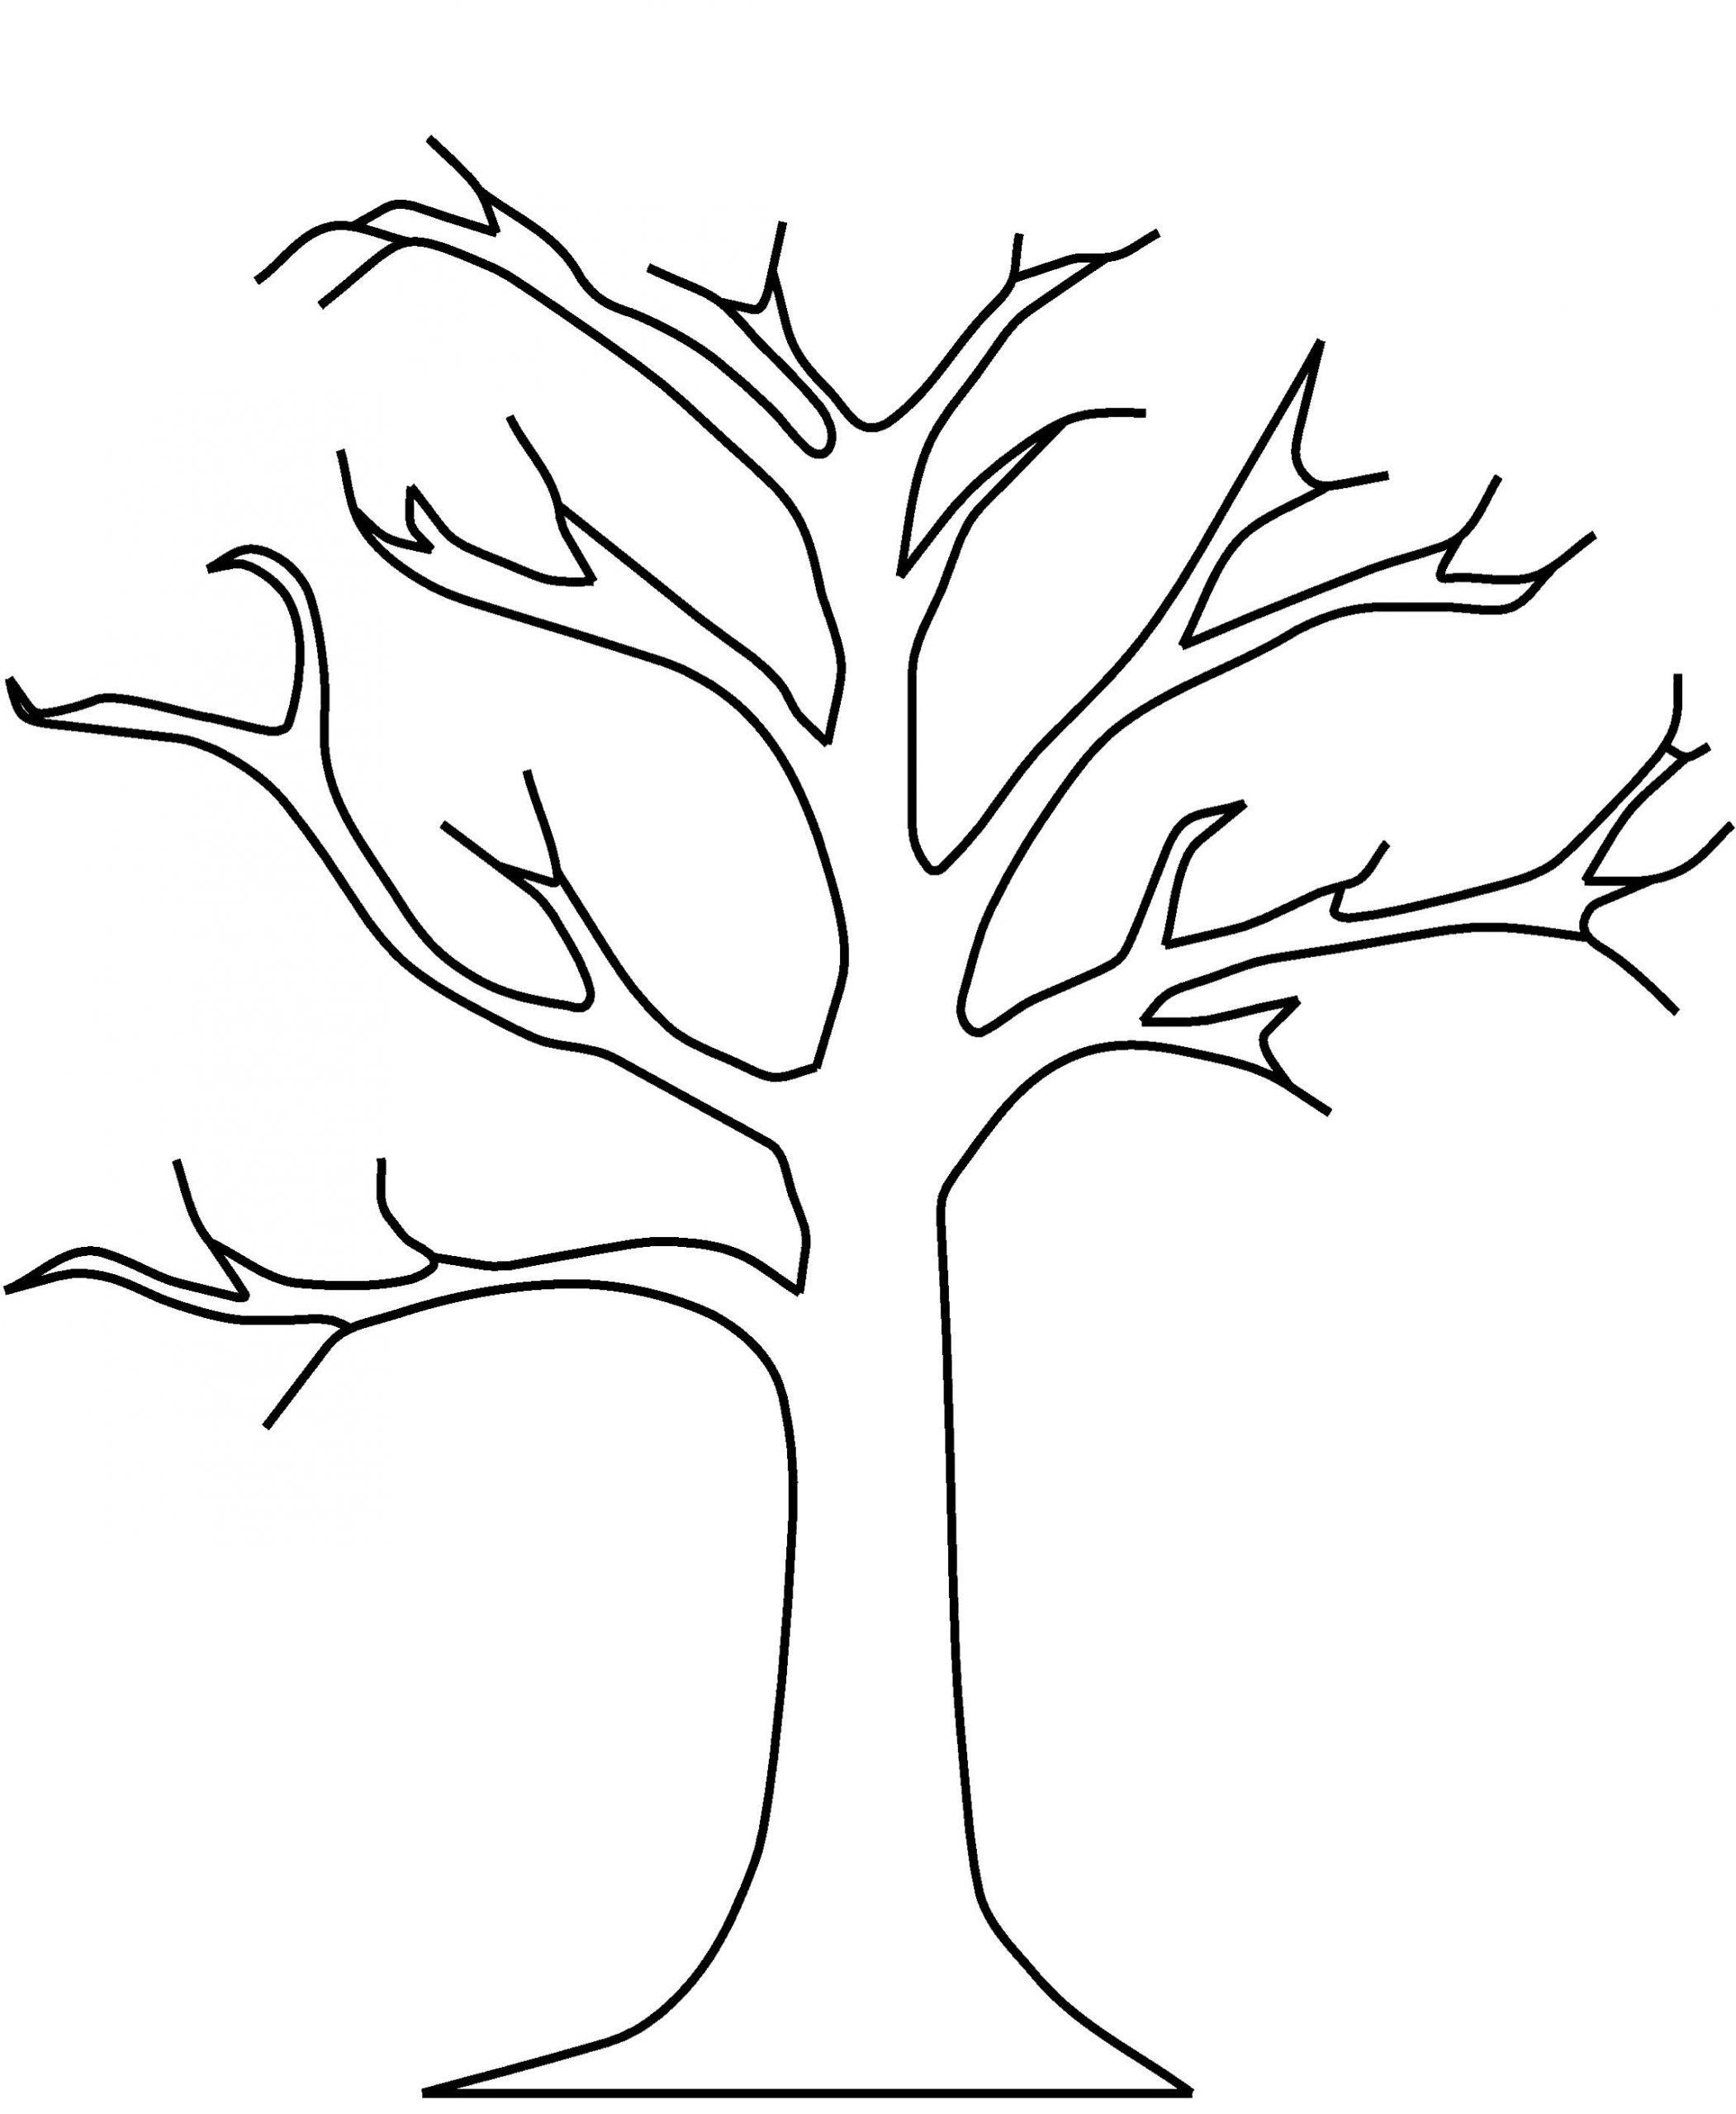 herbstbaum zum ausmalen  kinderbilderdownload